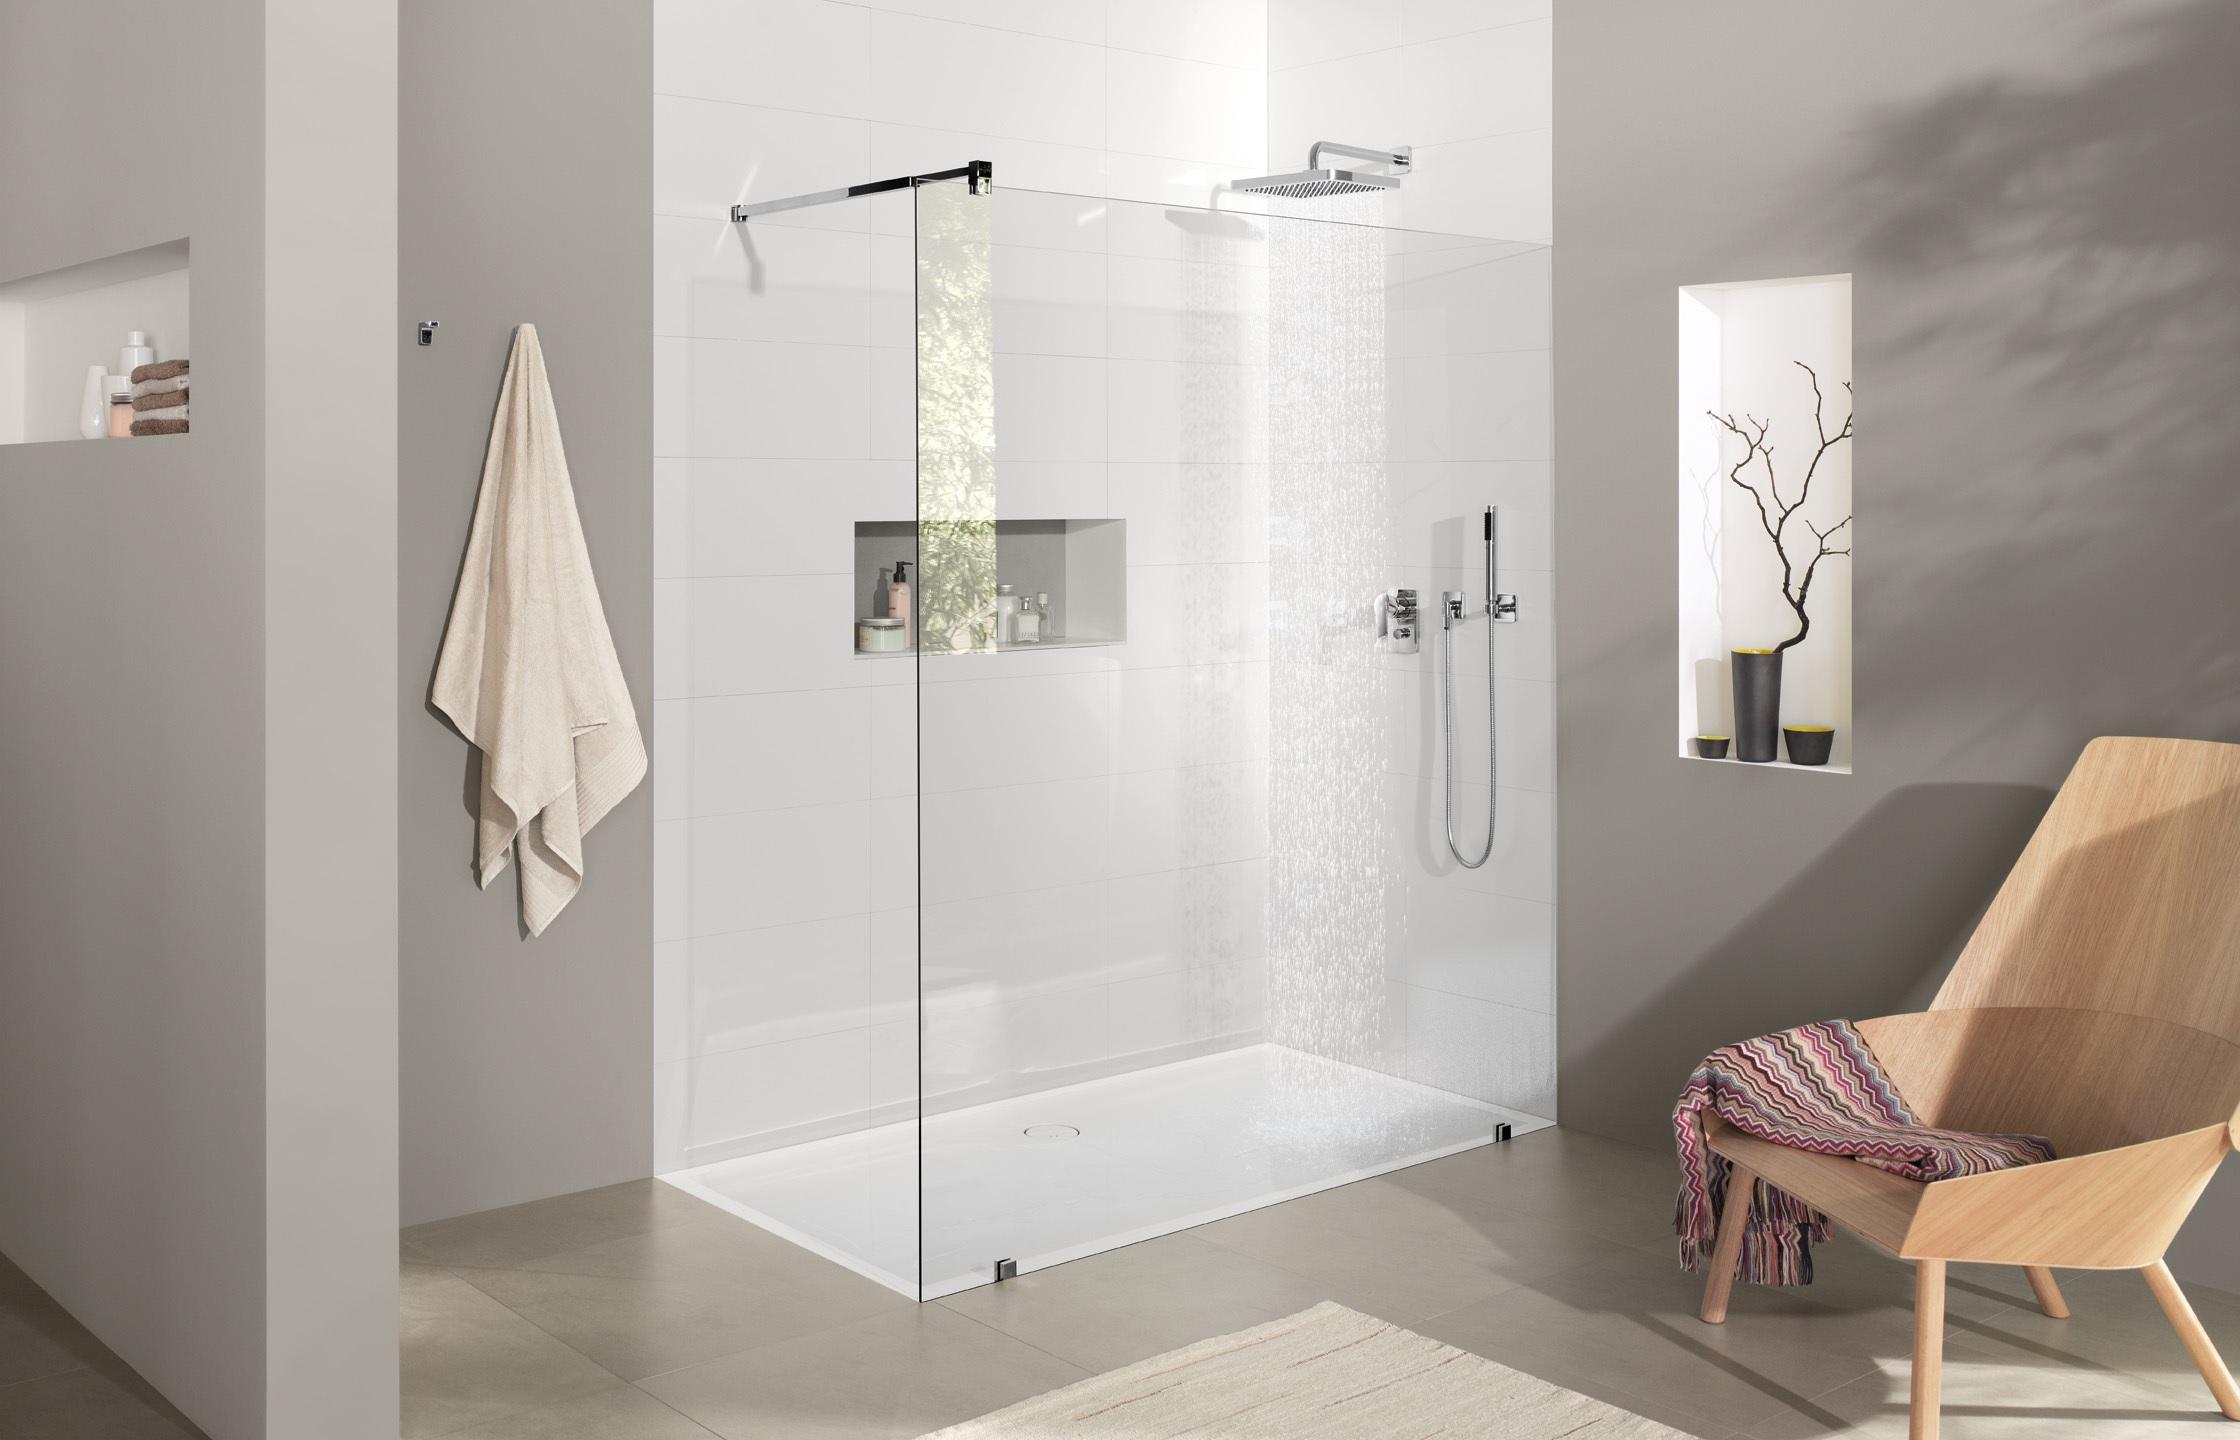 Complete Badkamer Voor : Complete badkamers potmanjr